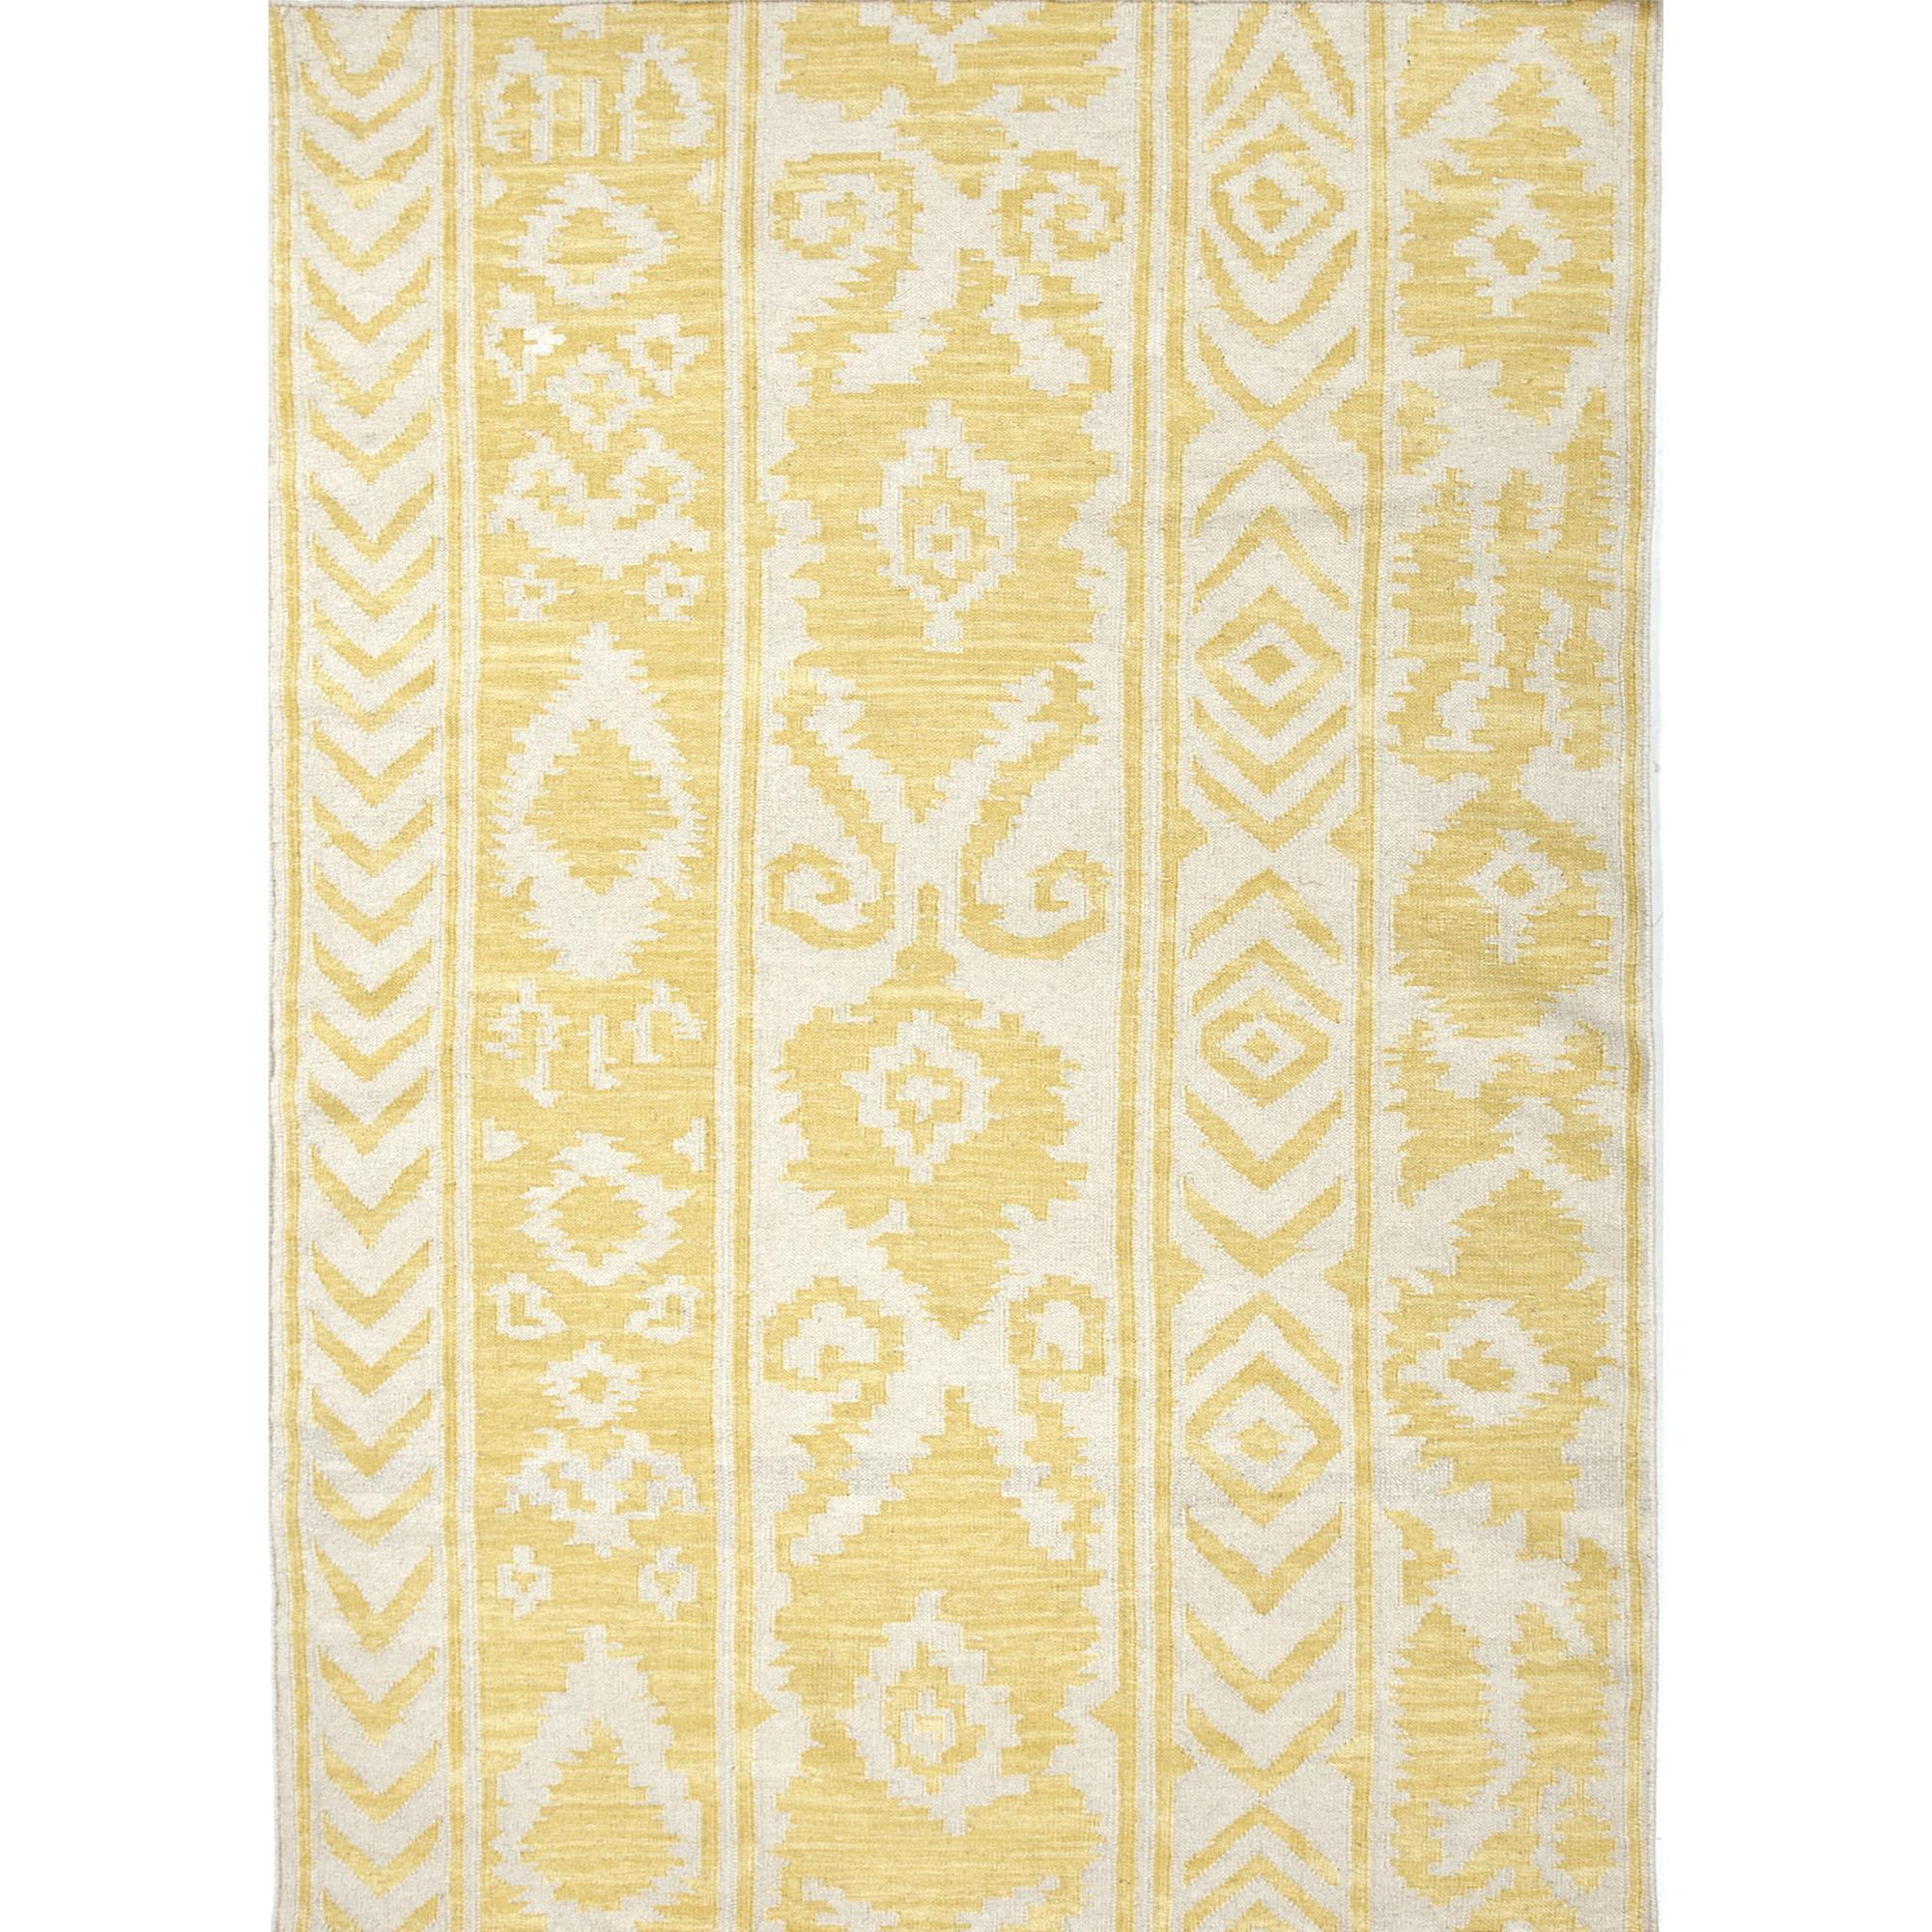 JAIPUR Rugs Urban Bungalow 8 x 10 Rug - Item Number: RUG102561